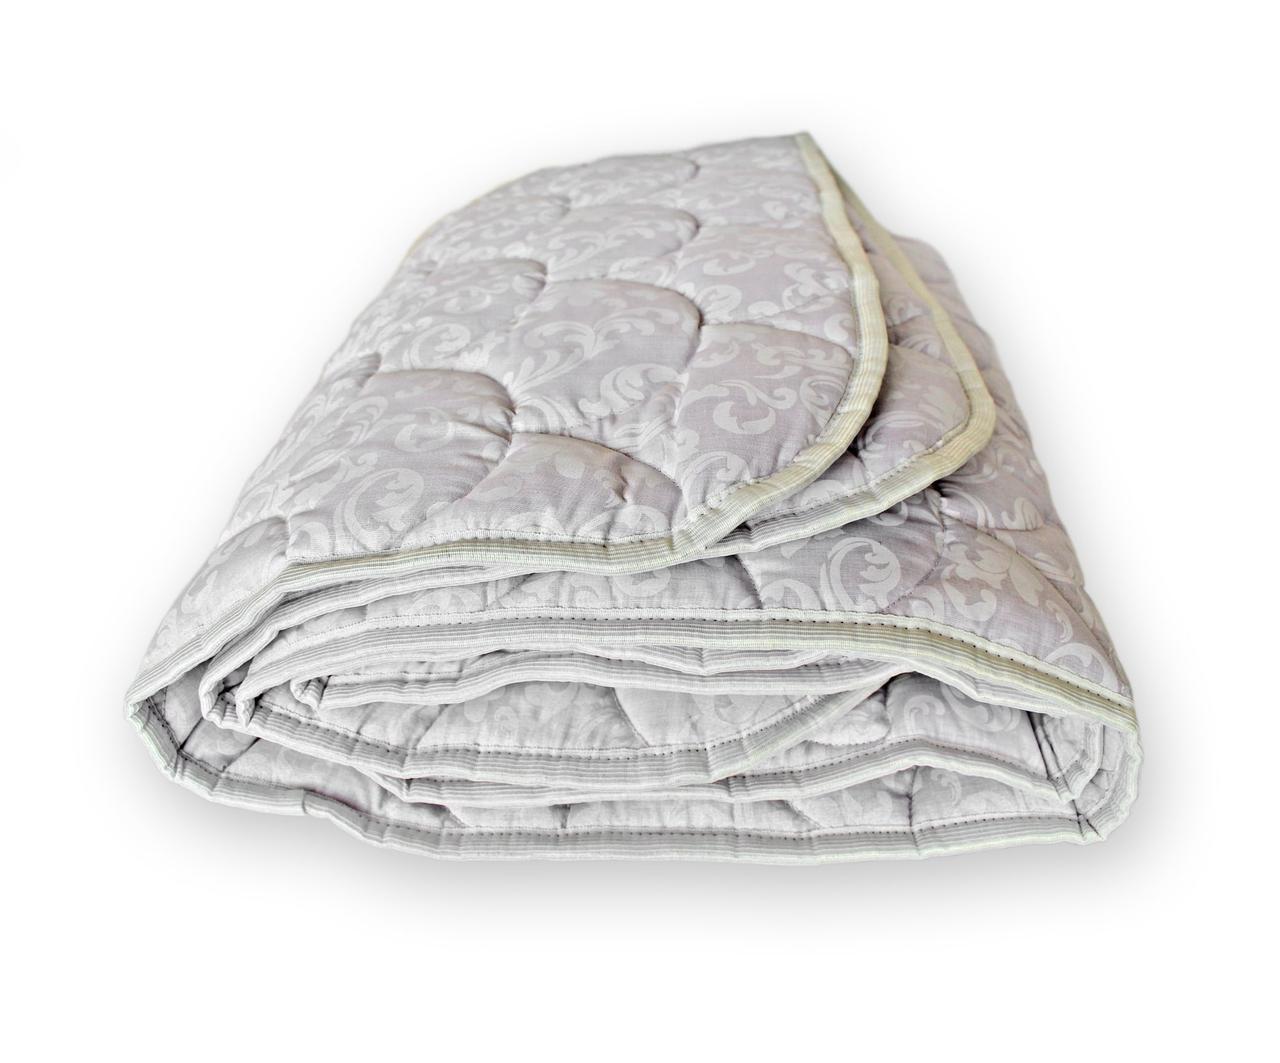 Одеяло двуспальное Евро QSLEEP полушерсть 200*220 см белое